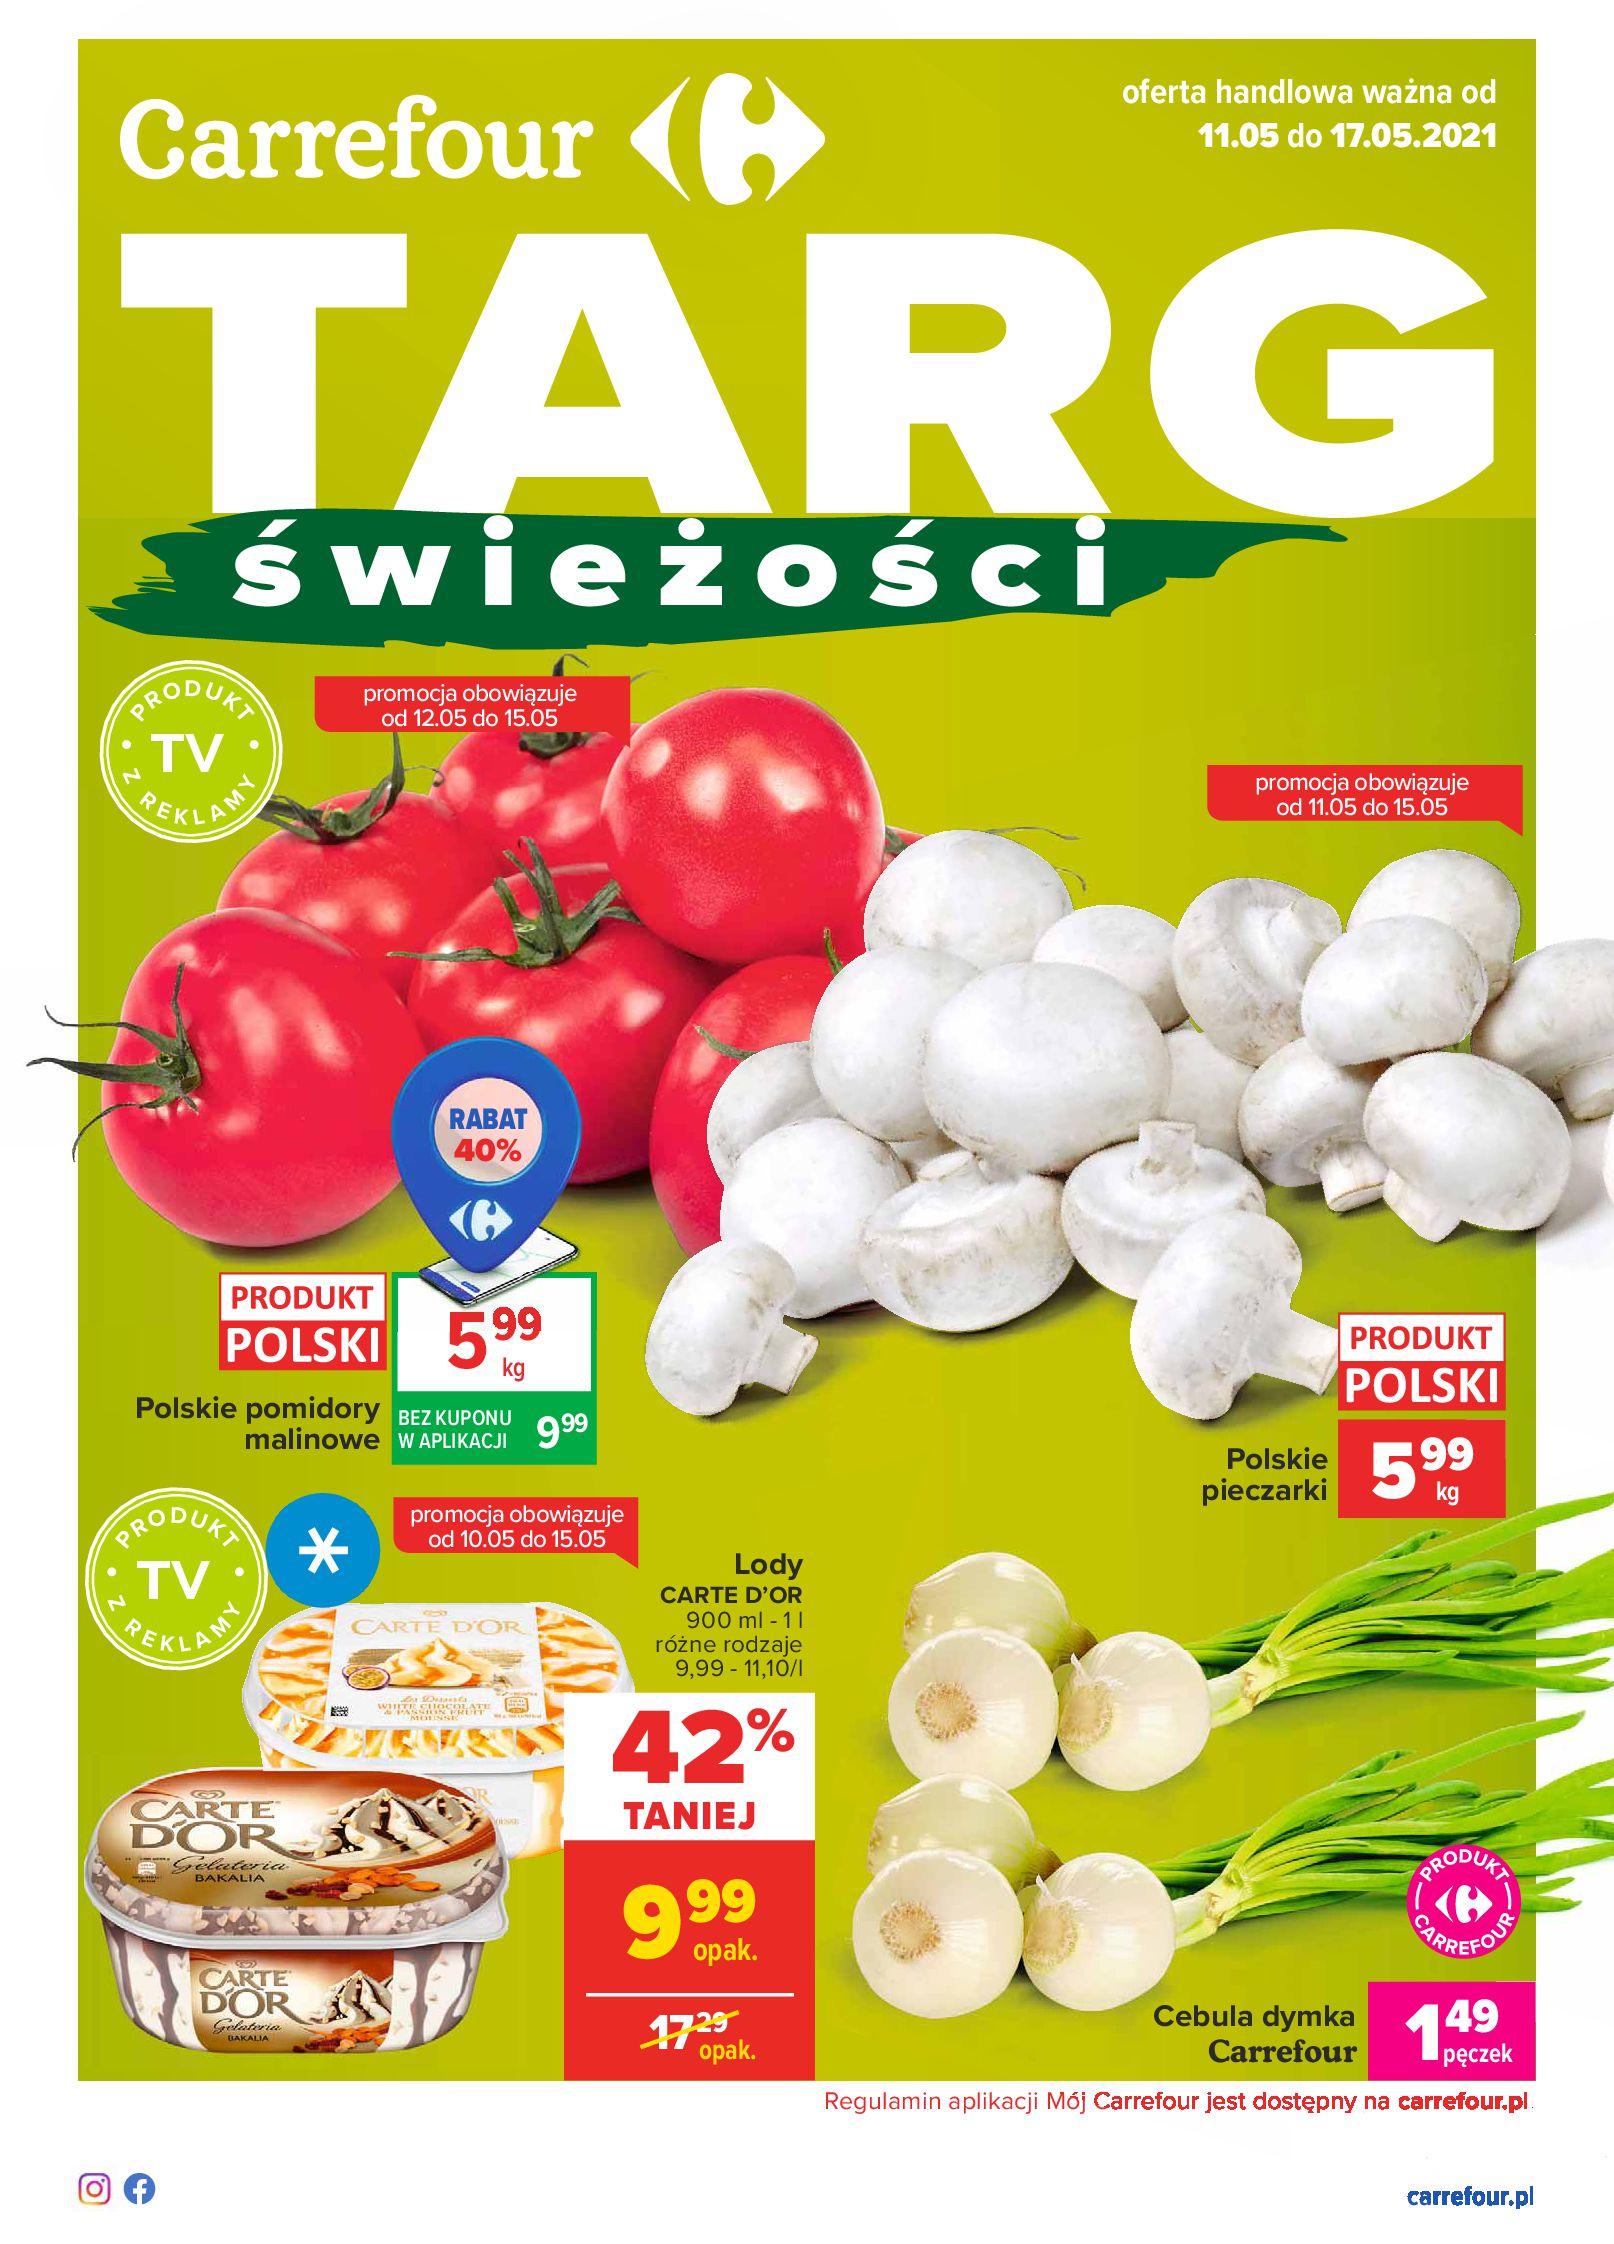 Carrefour:  Gazetka Carrefour - Targ świeżości 10.05.2021